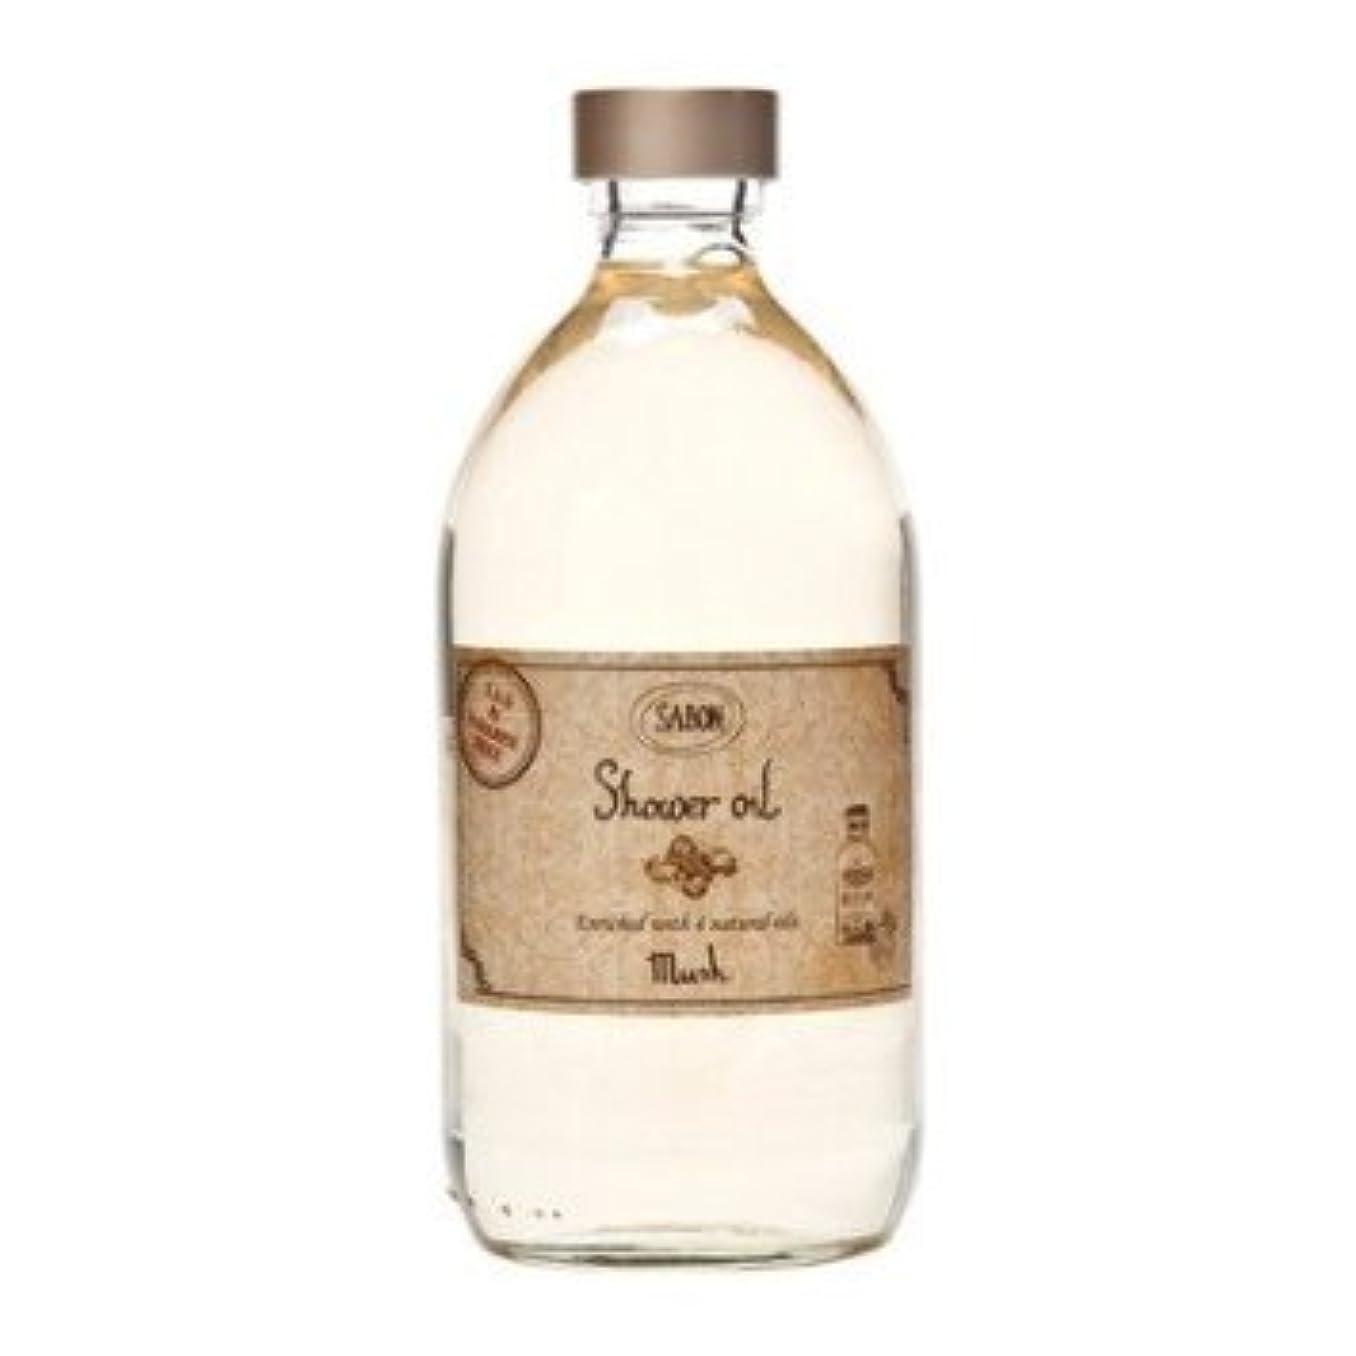 ホスト食品手段【SABON】サボン シャワーオイル 500ml ポンプ付き  ムスク [並行輸入品]